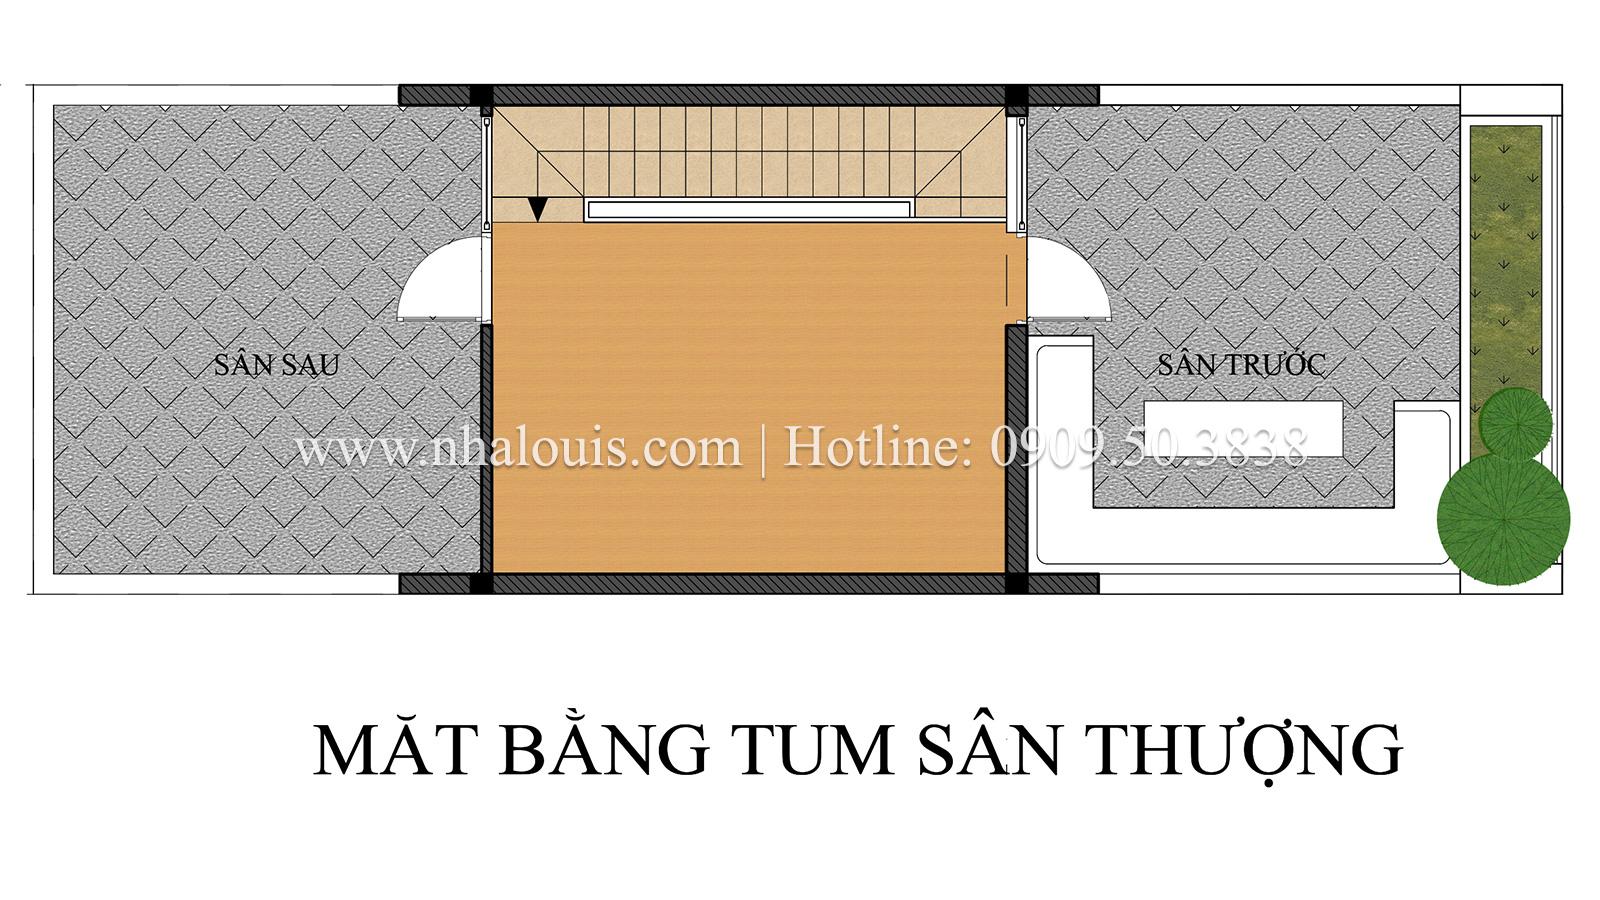 Mặt bằng tầng thượng Mẫu nhà ống 3 tầng đẹp tại Long An thiết kế theo xu hướng mới - 14